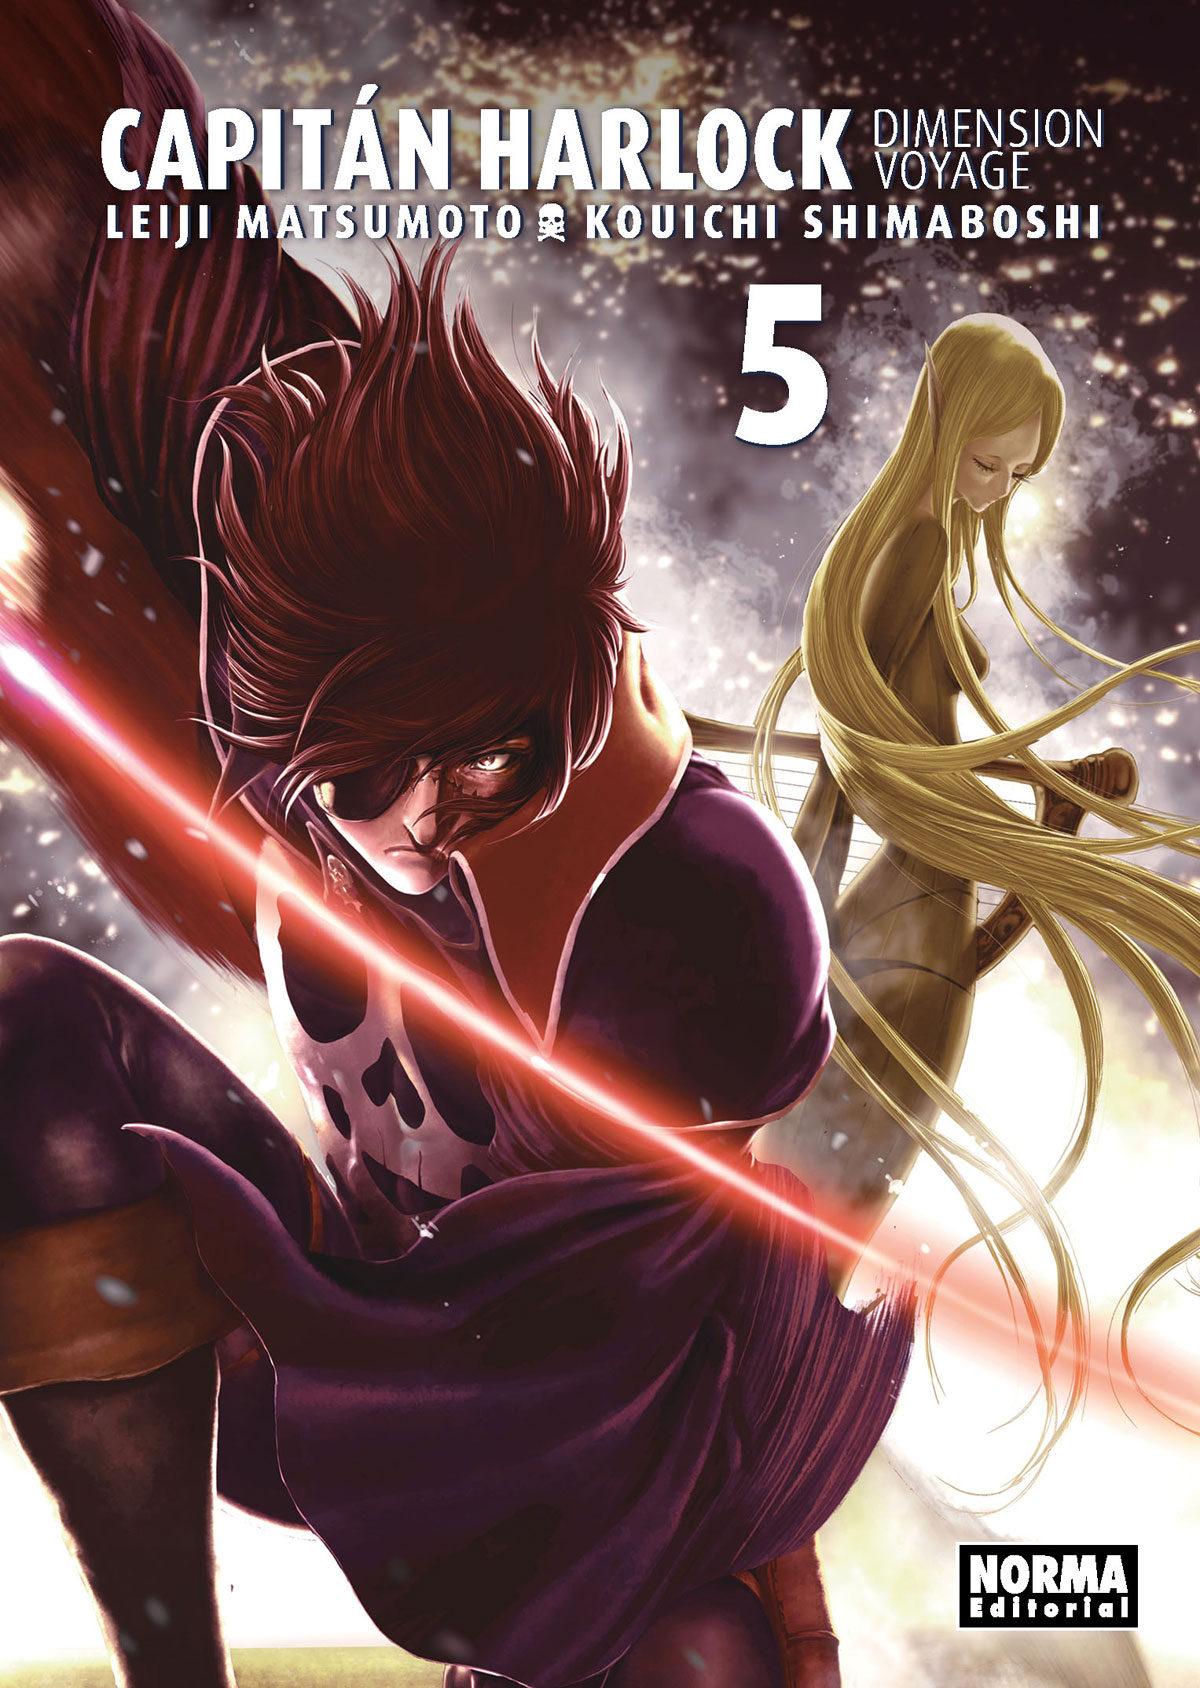 Capitan Harlock: Dimension Voyage 5 por Matsumoto Leiji;                                                                                                                                                                                                          Kouichi Shimaboshi